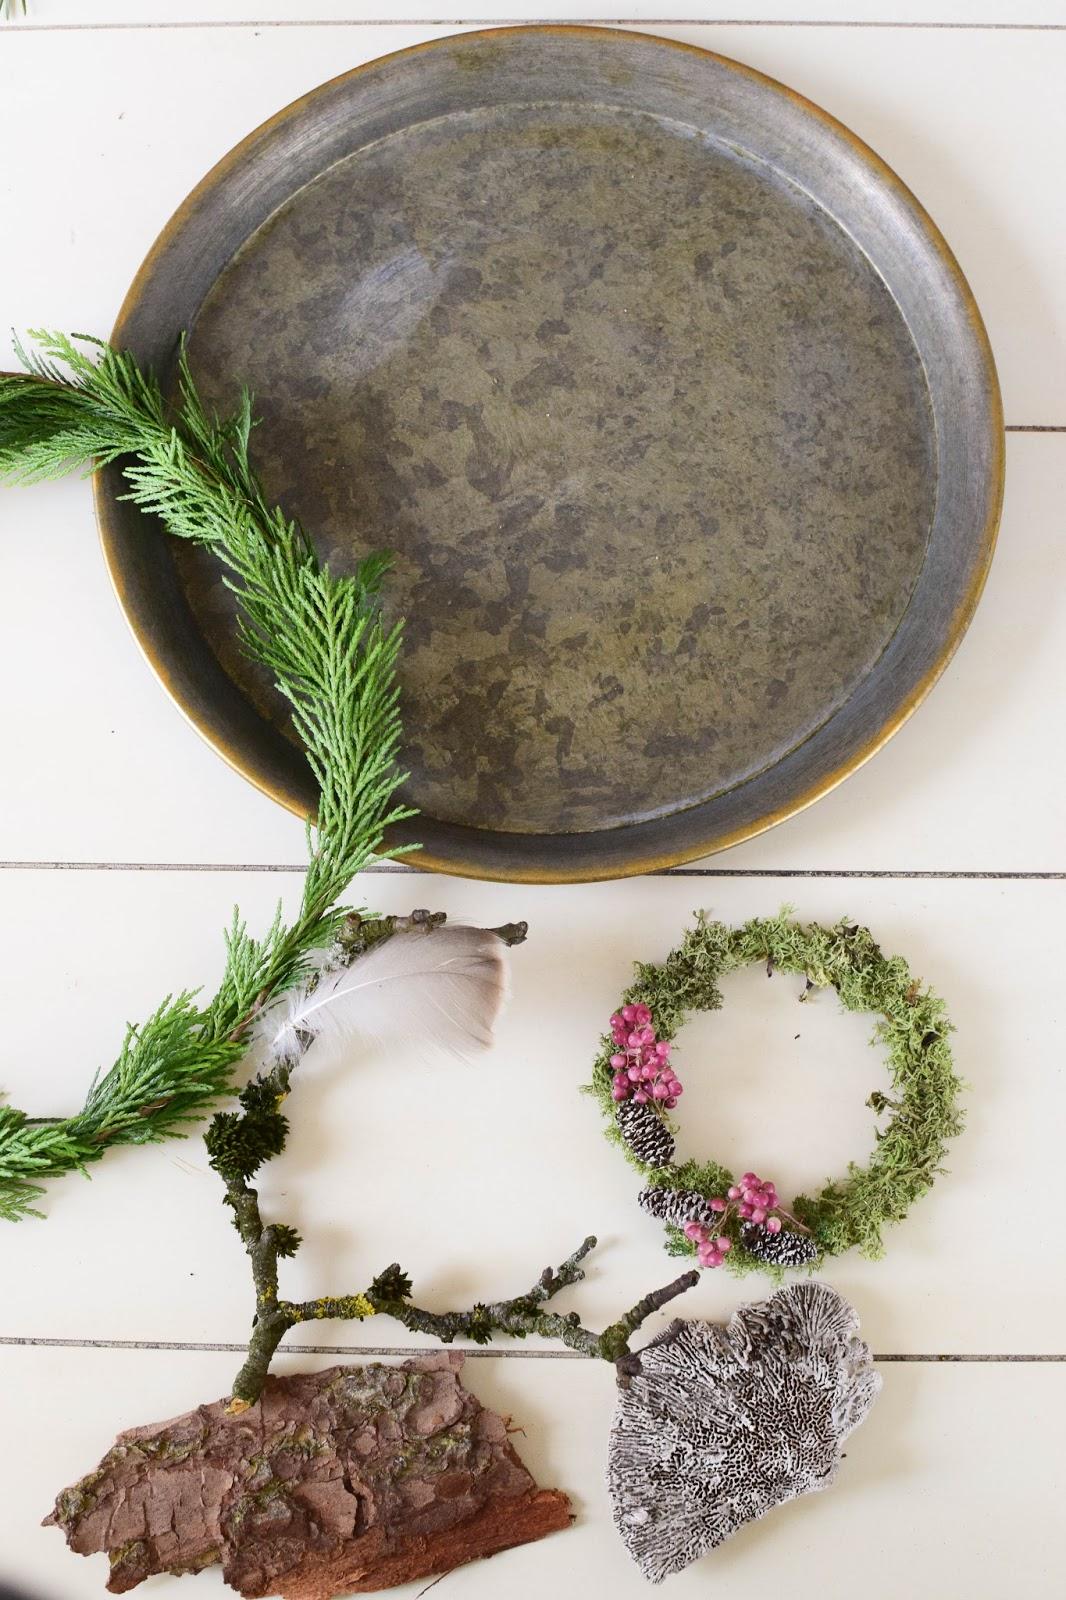 DIY Deko mit Thuja Kranz Moos Pilz Rinde und Naturmaterialien, Dekoidee, Tischdeko, Dekoration